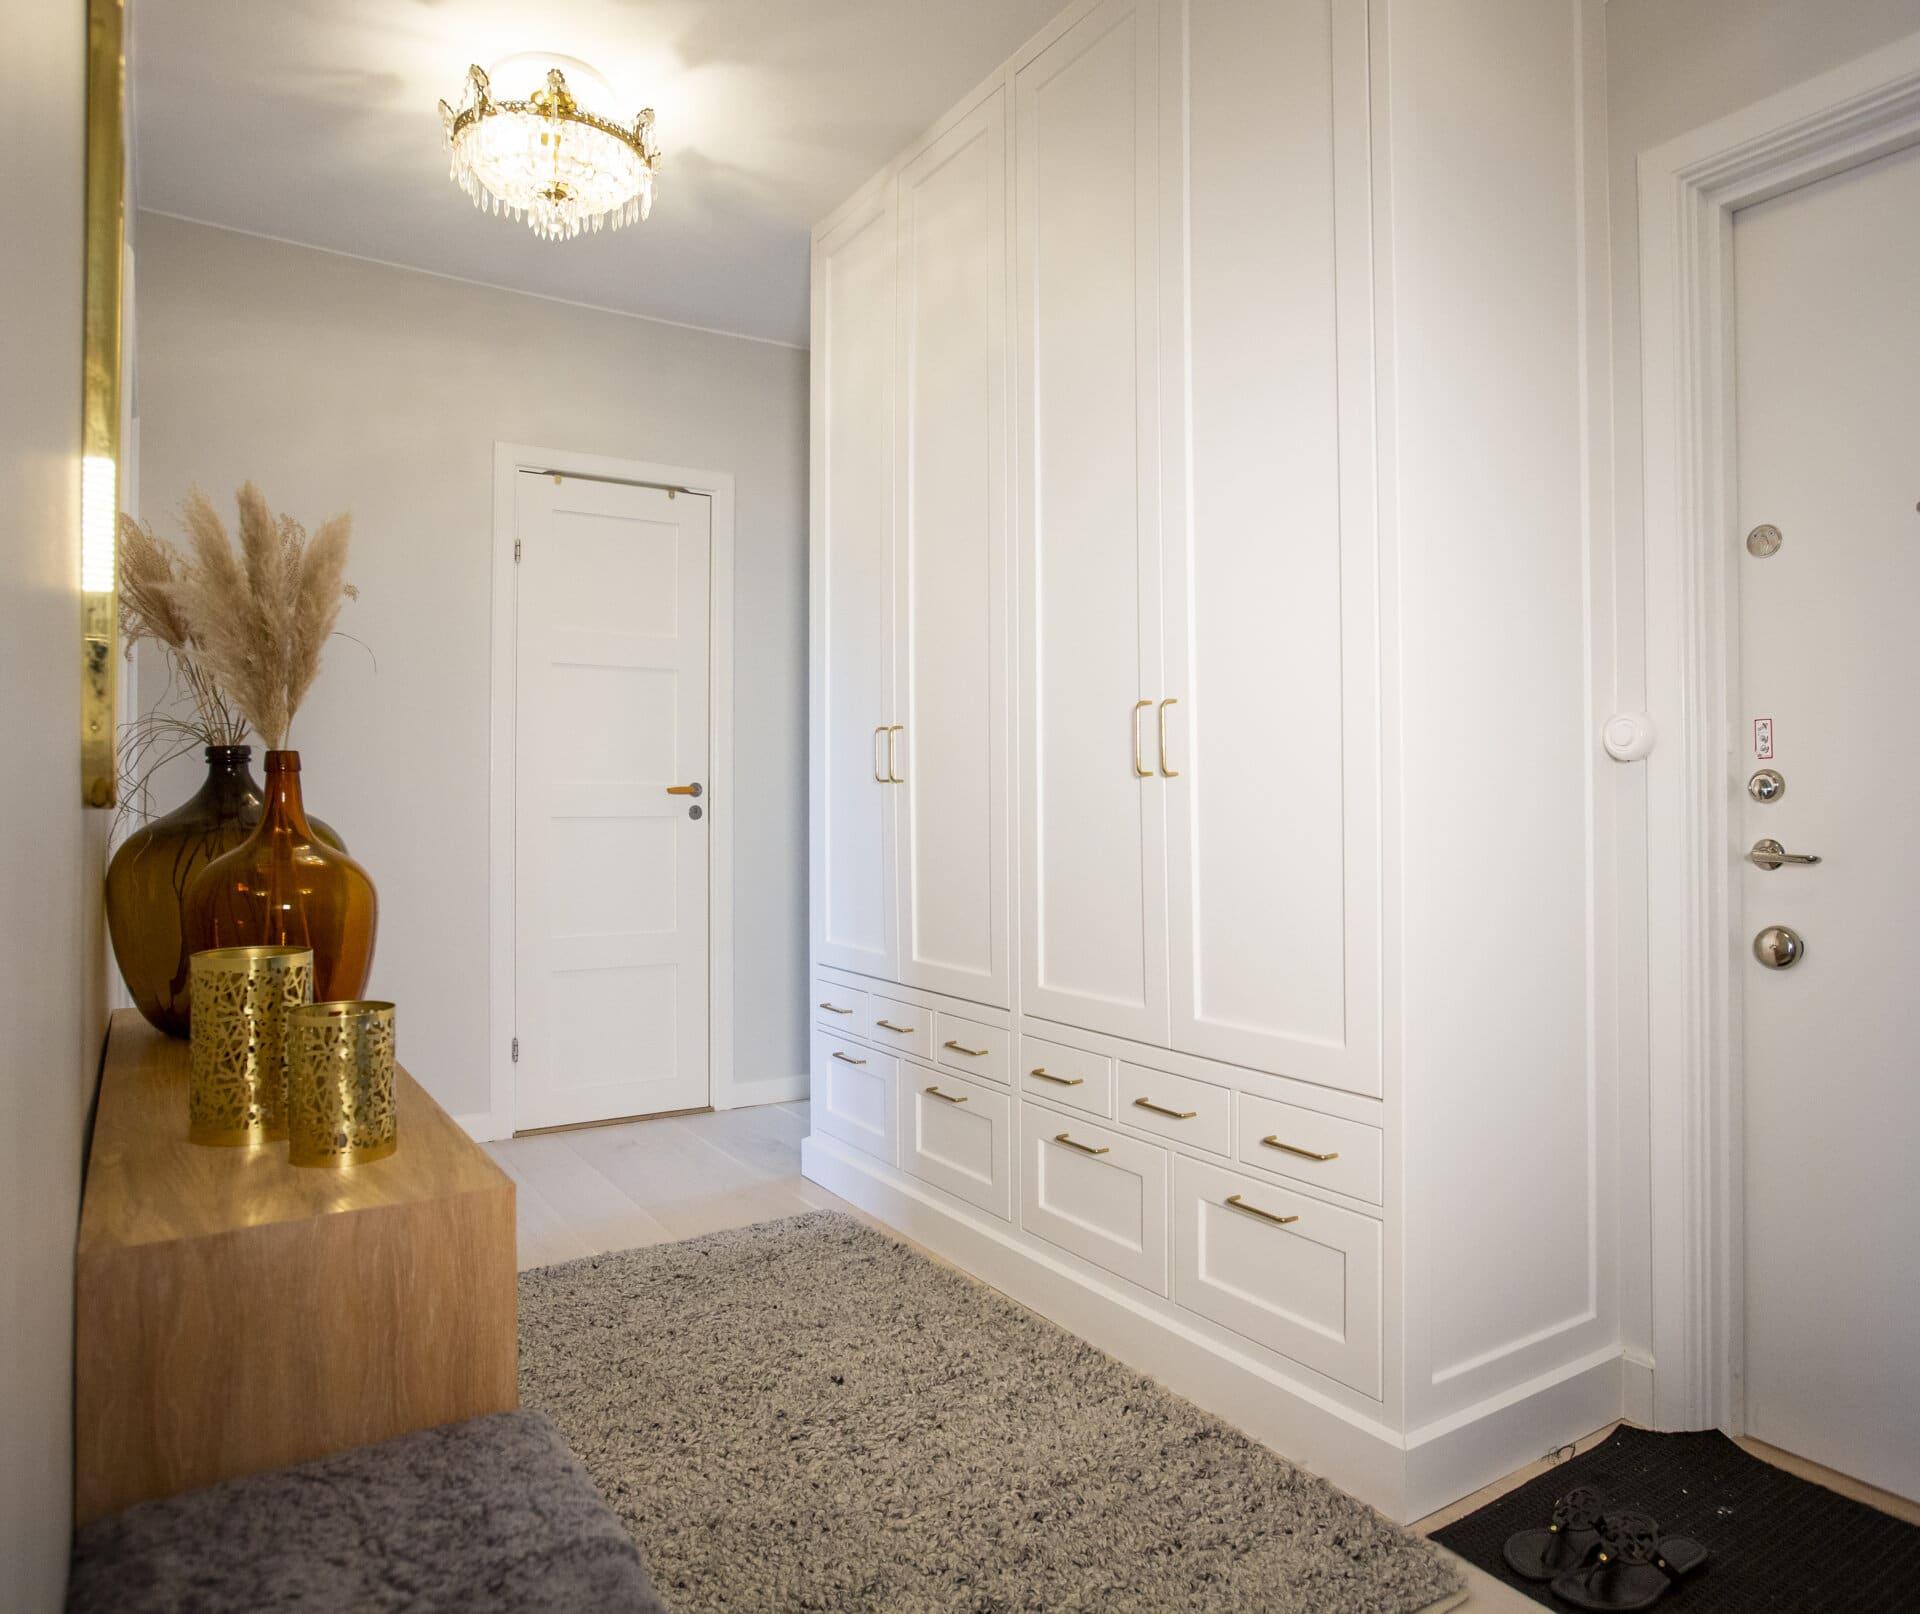 Platsbyggd garderob platsbyggt hall guldhandtag entre lådor vit garderob entre inspiration nyklassisk landshövdinge guldheden hallinspiration